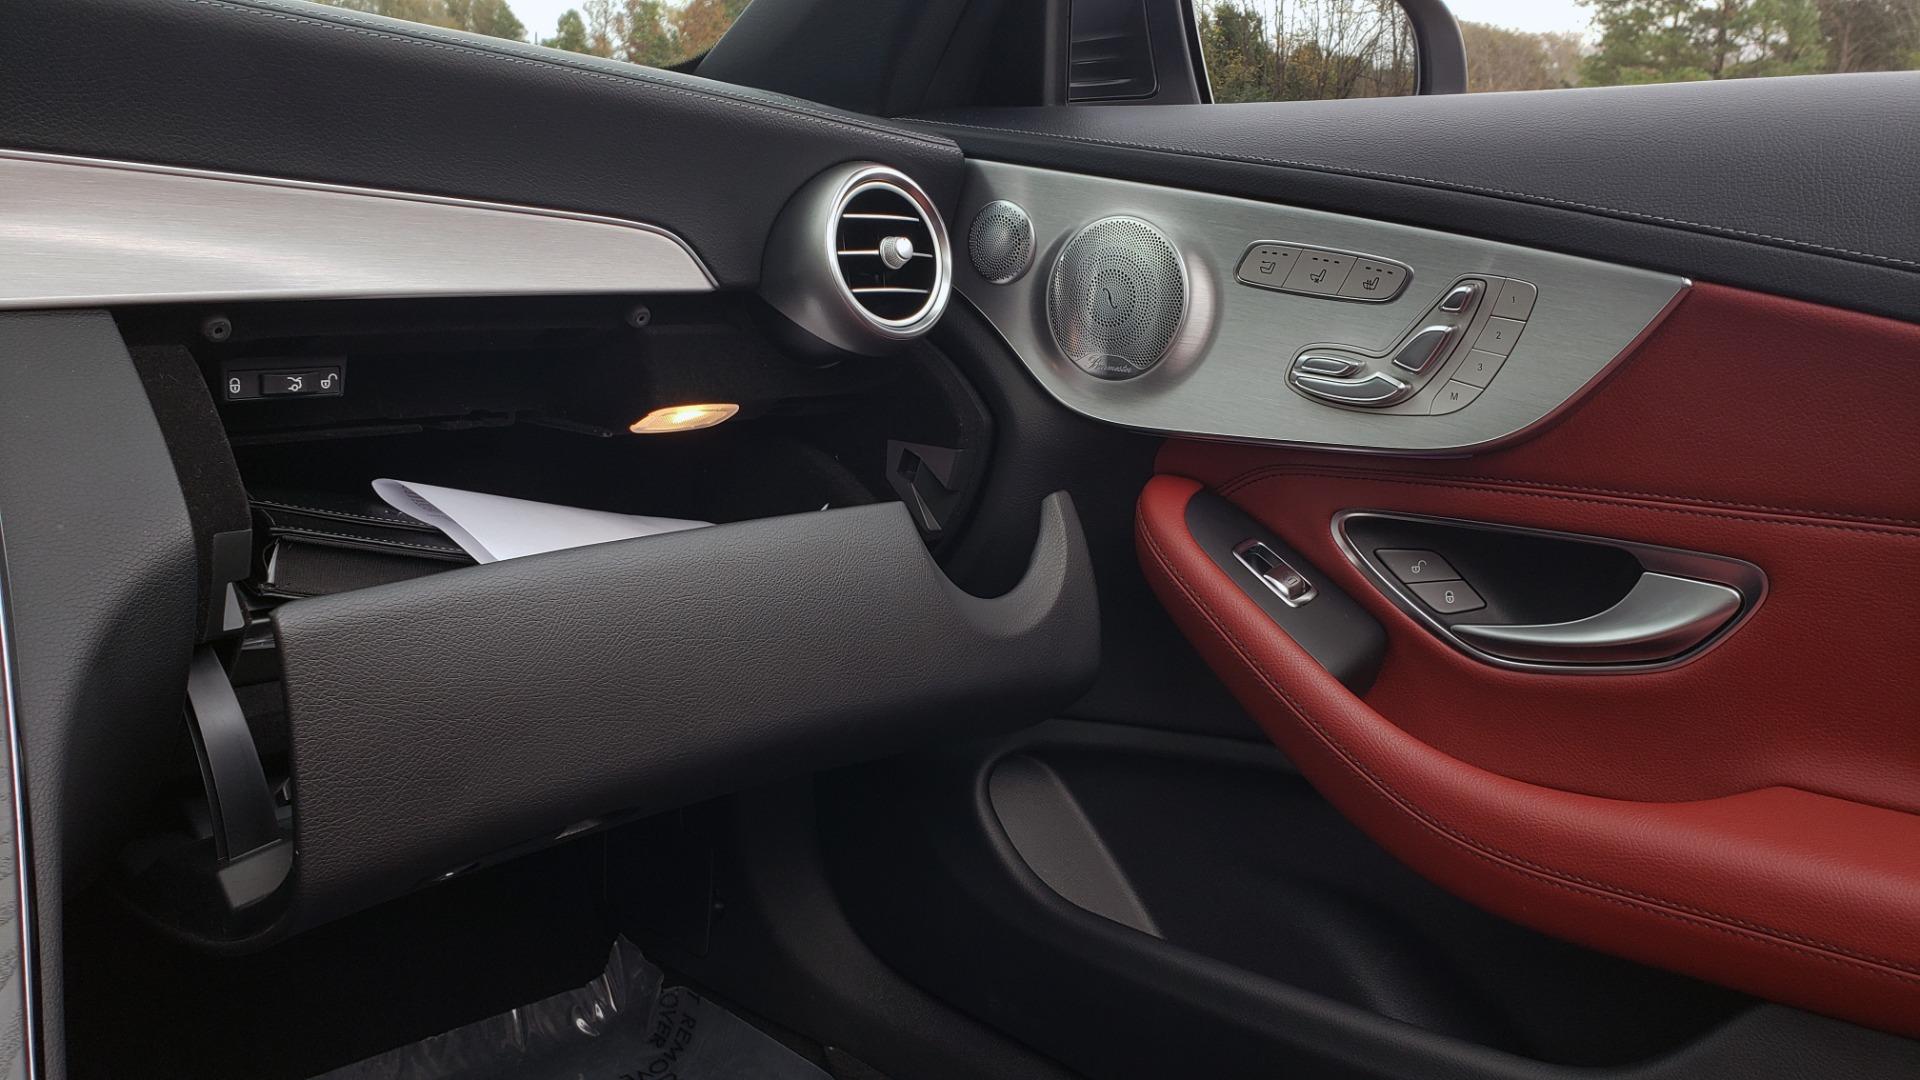 Used 2019 Mercedes-Benz C-CLASS C 300 CABRIOLET / PREM PKG / NAV / BURMESTER / MULTIMEDIA for sale $49,995 at Formula Imports in Charlotte NC 28227 53